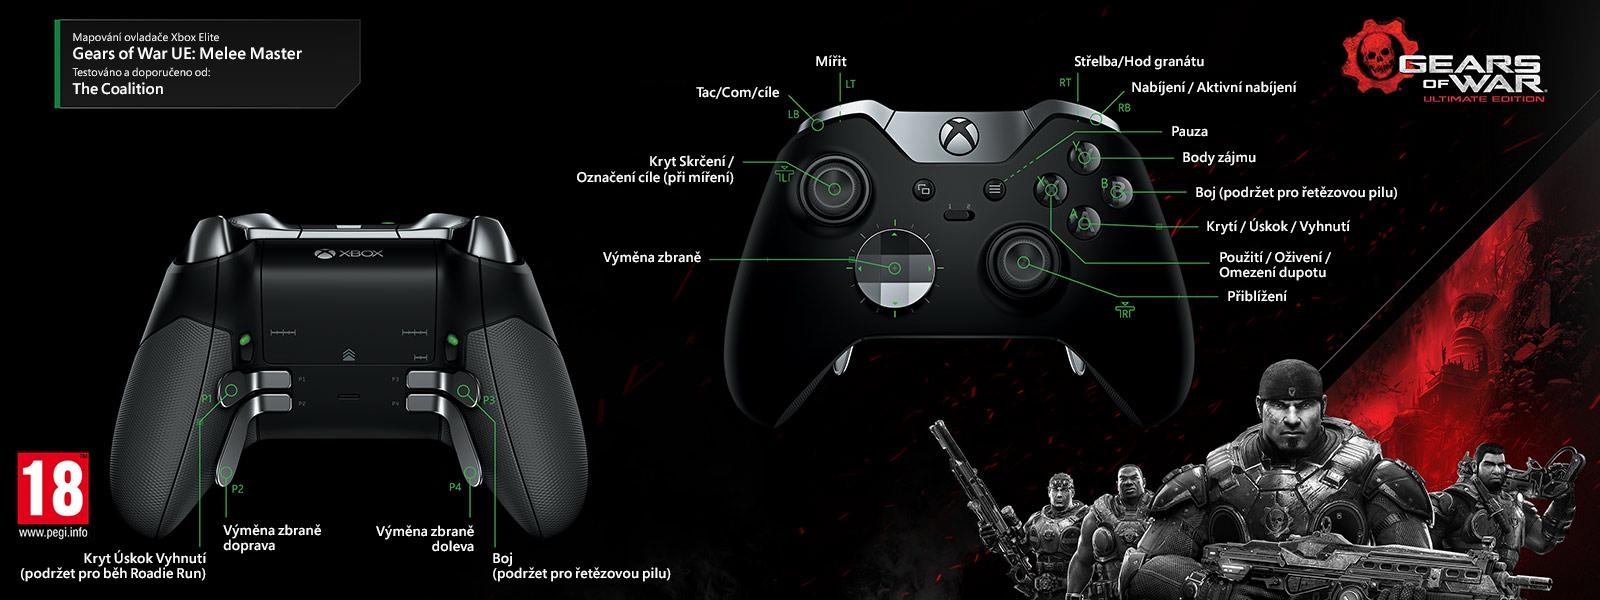 Gears of Wars Ultimate Edition – elitní mapování mistra pro boj na blízko